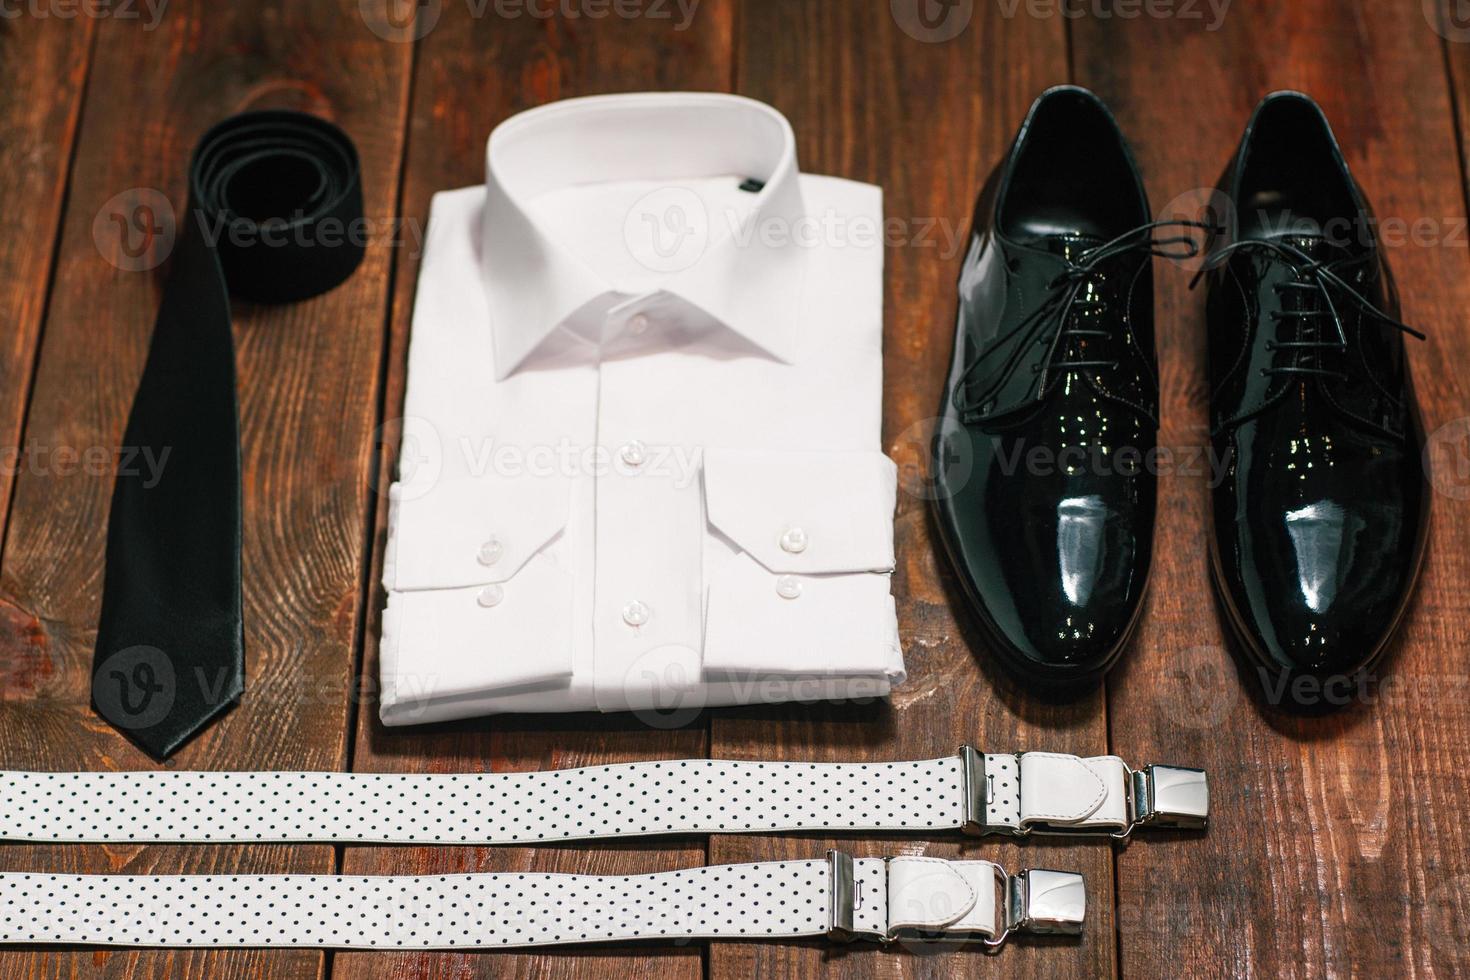 cravate noire, chaussures en cuir verni, bretelles, chemise blanche photo